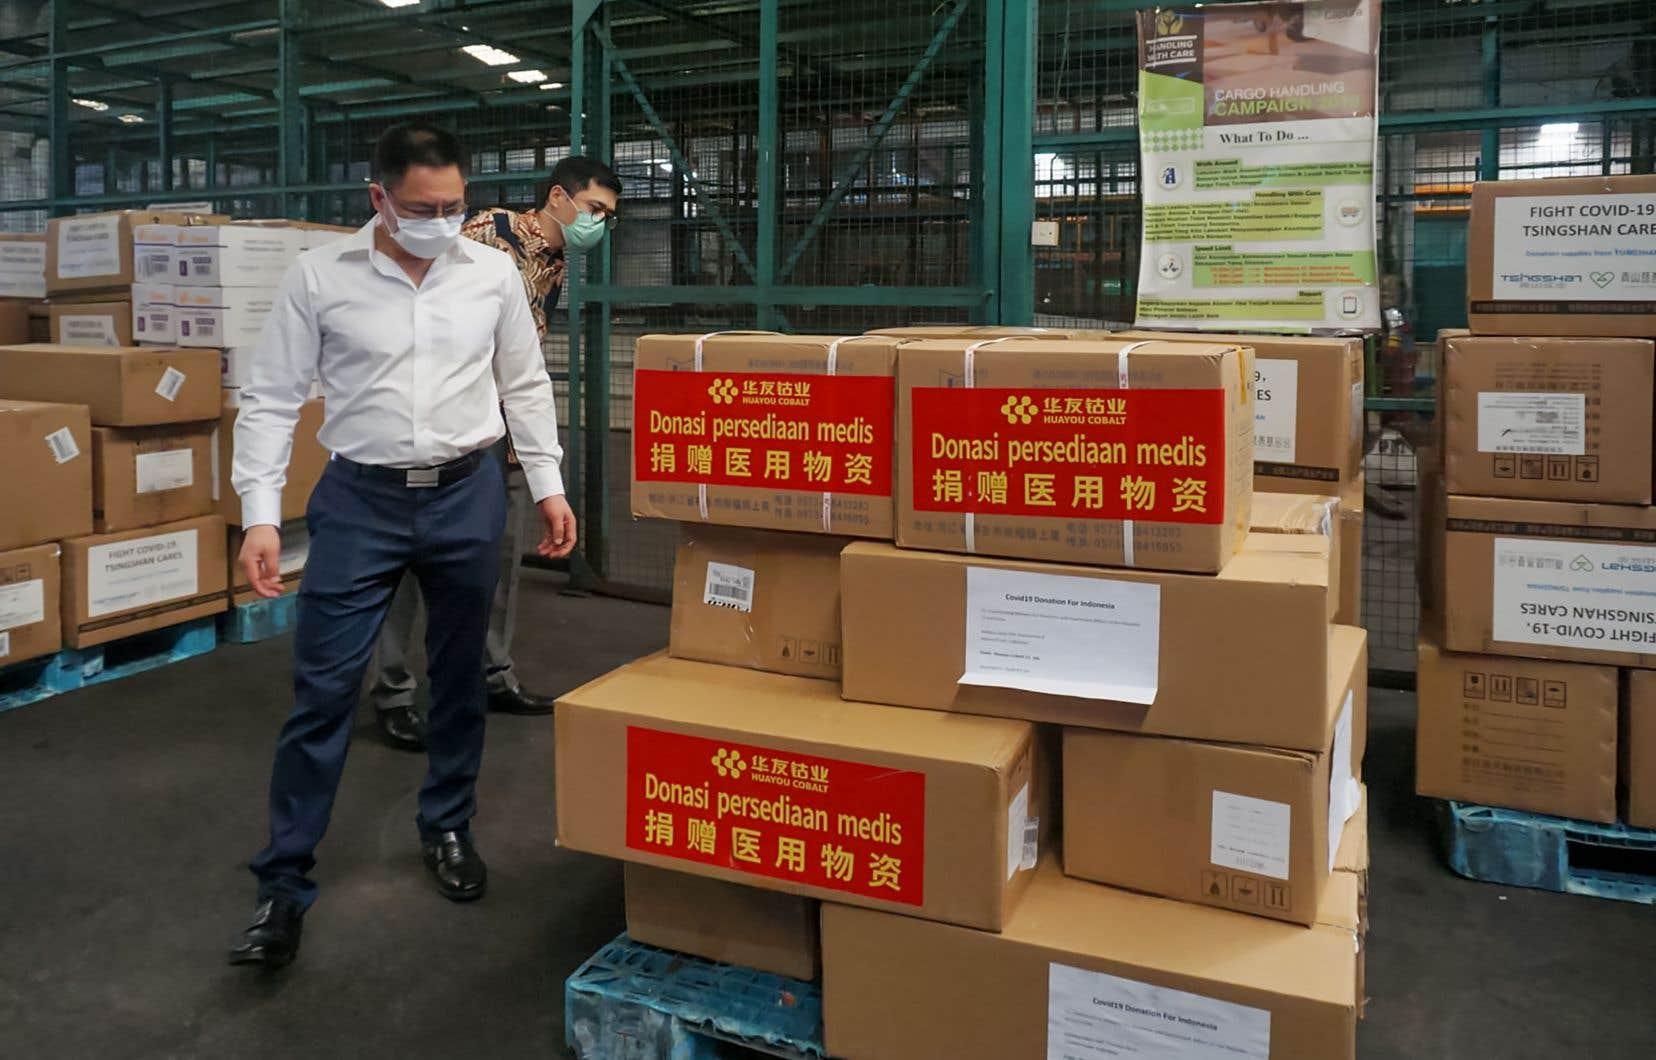 L'ambassade de Chine en France se livre ainsi à une campagne décomplexée de promotion du système politique chinois et de sa «réussite» dans la bataille contre le coronavirus.